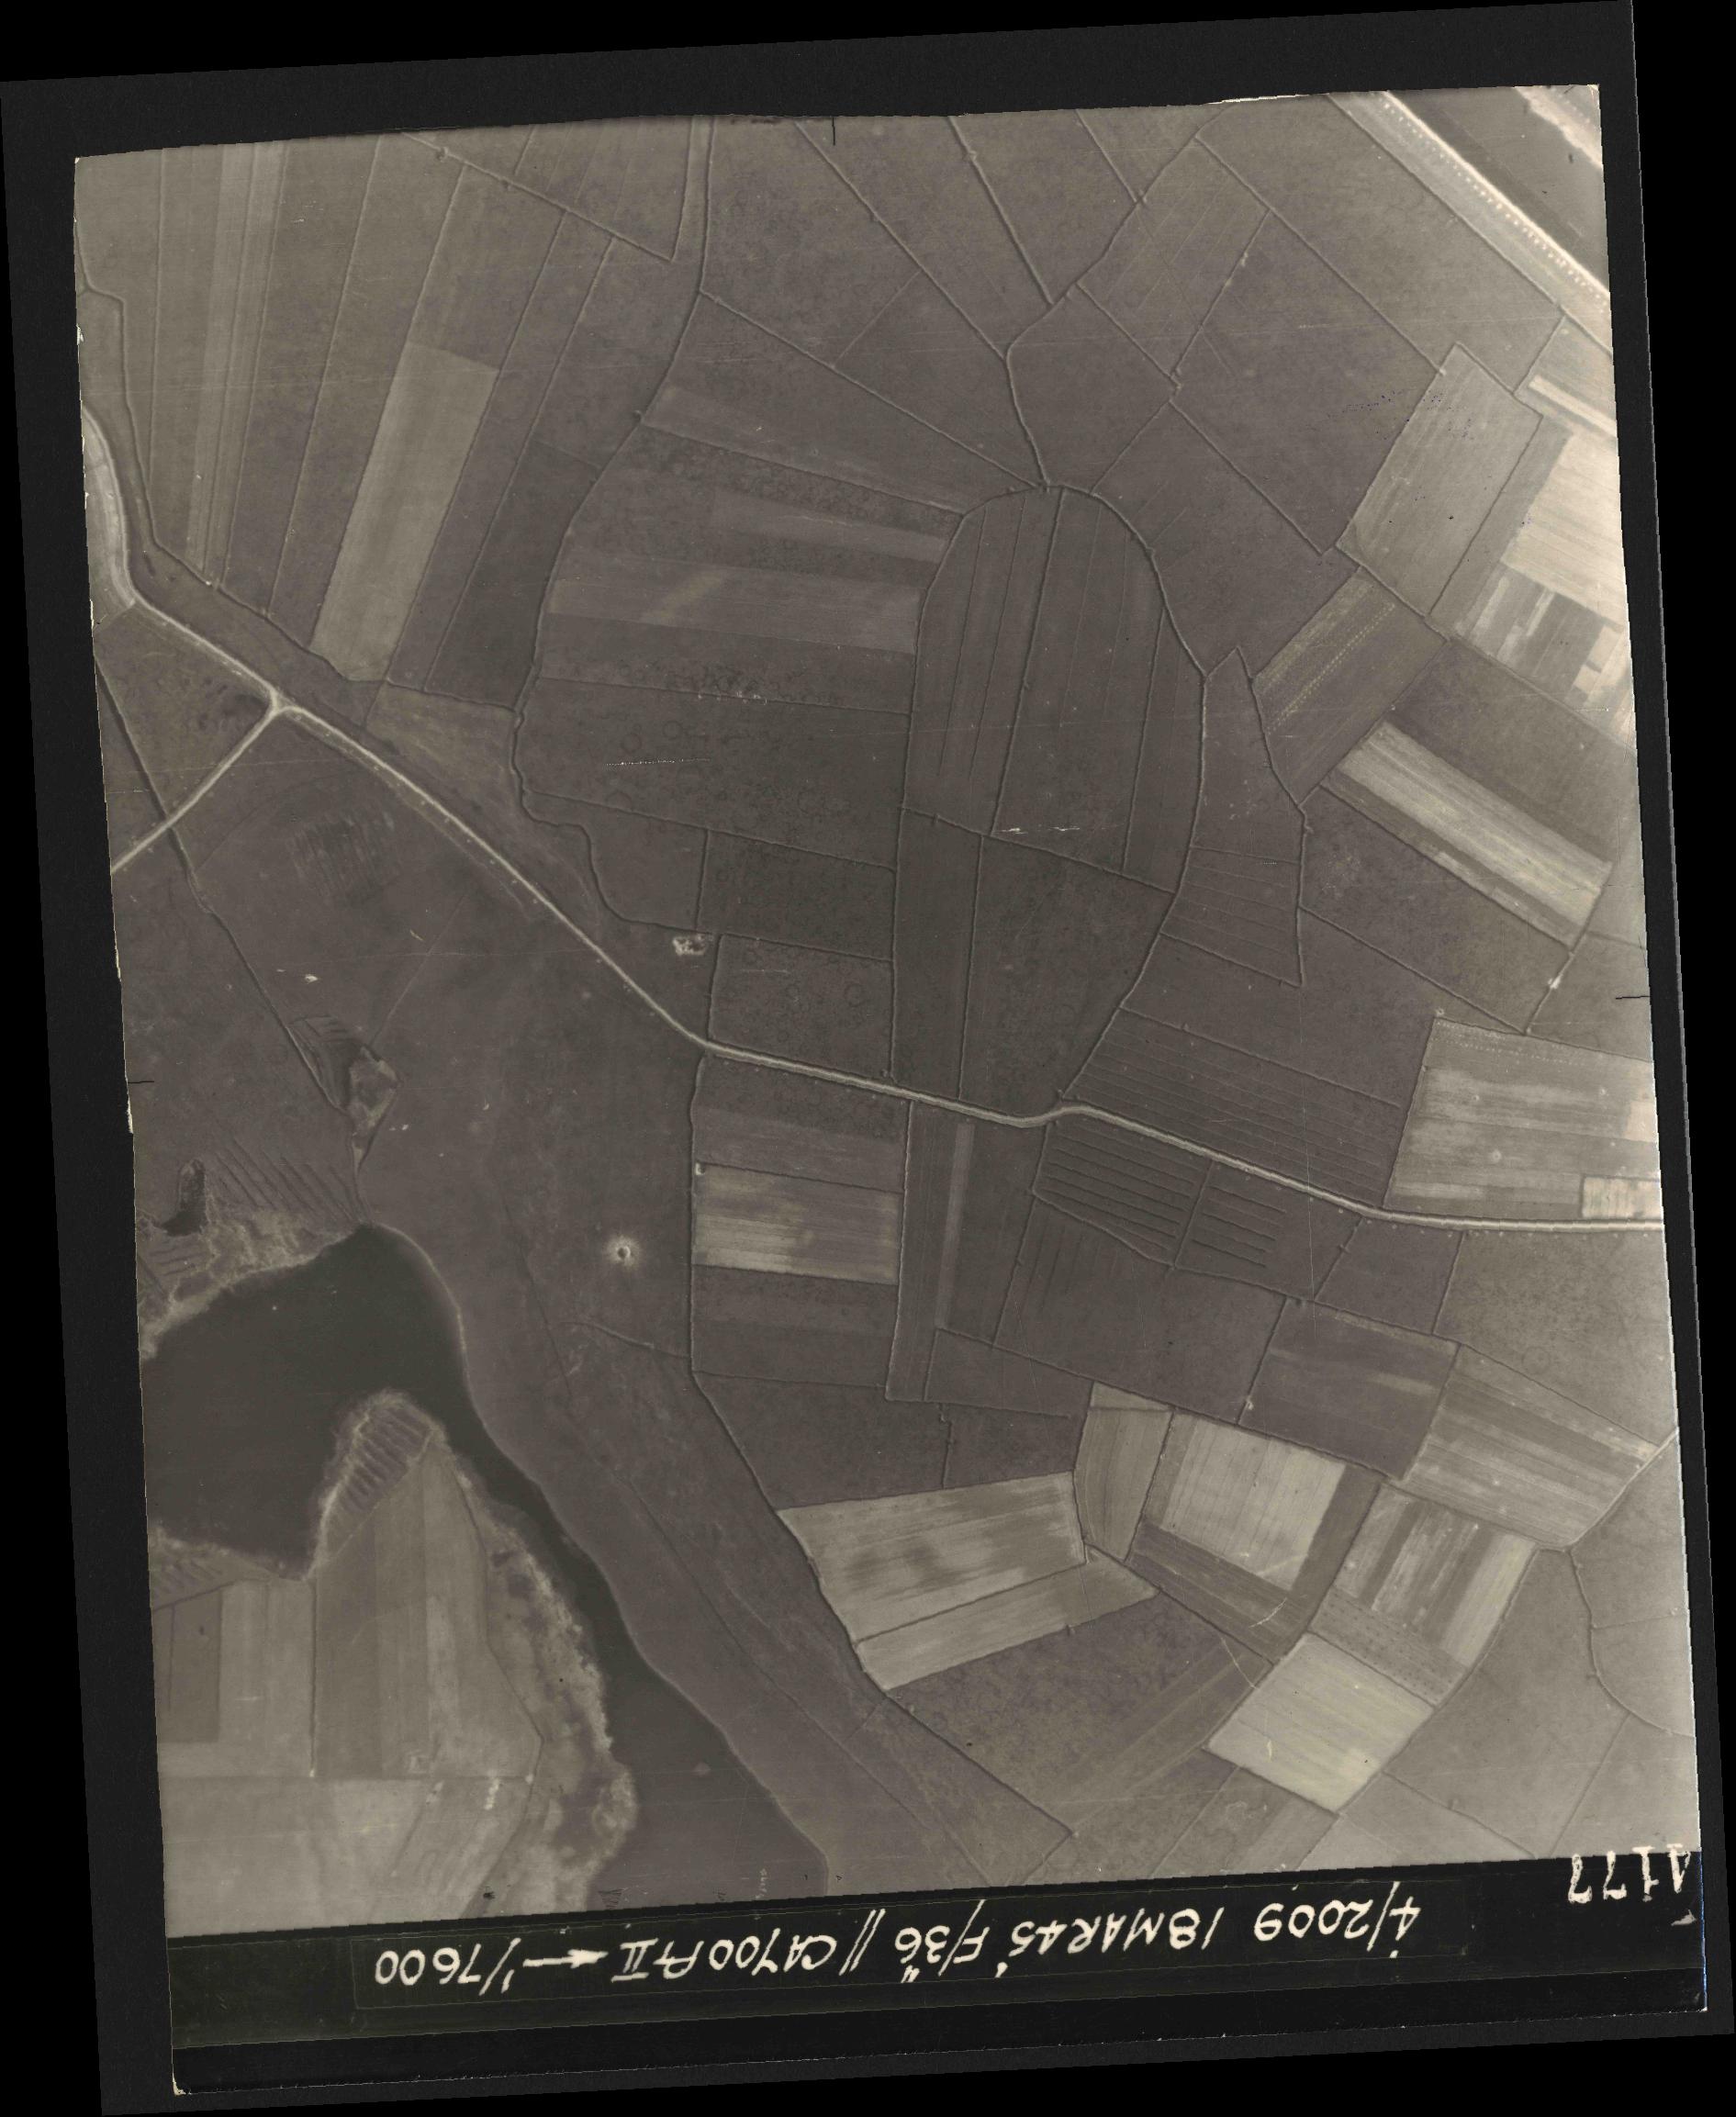 Collection RAF aerial photos 1940-1945 - flight 017, run 10, photo 4177